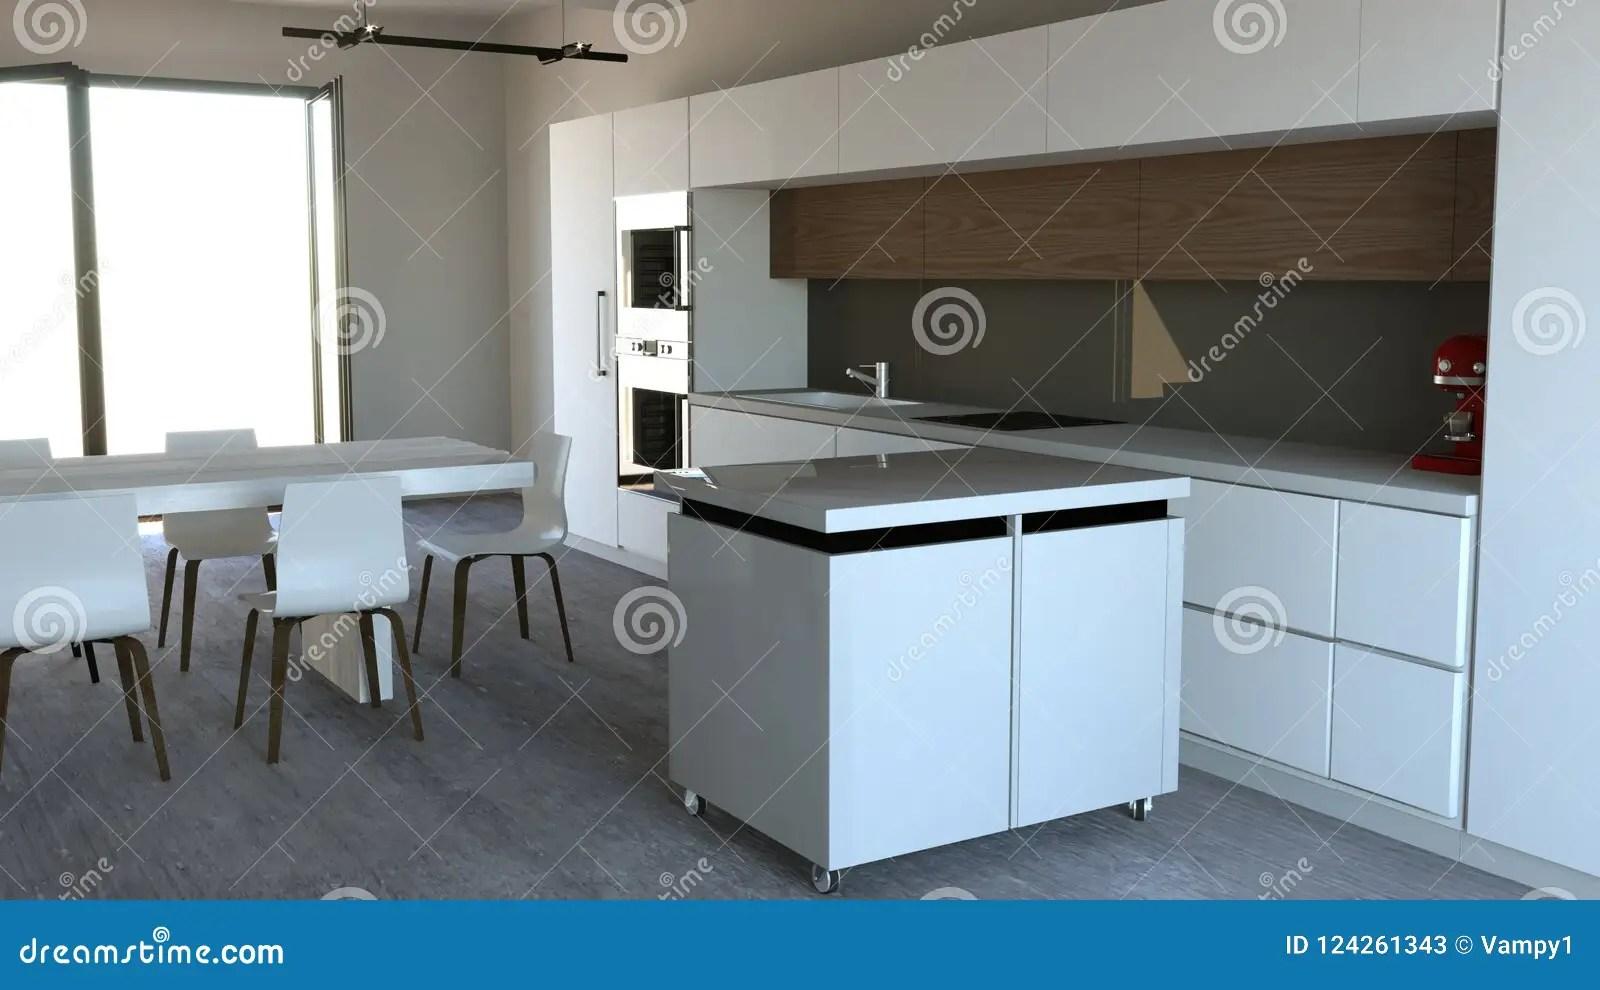 furniture for kitchen ventilation hood 厨房家具 室内设计家具和装置厨房的库存例证 插画包括有烤箱 制动手 室内设计家具和装置厨房的